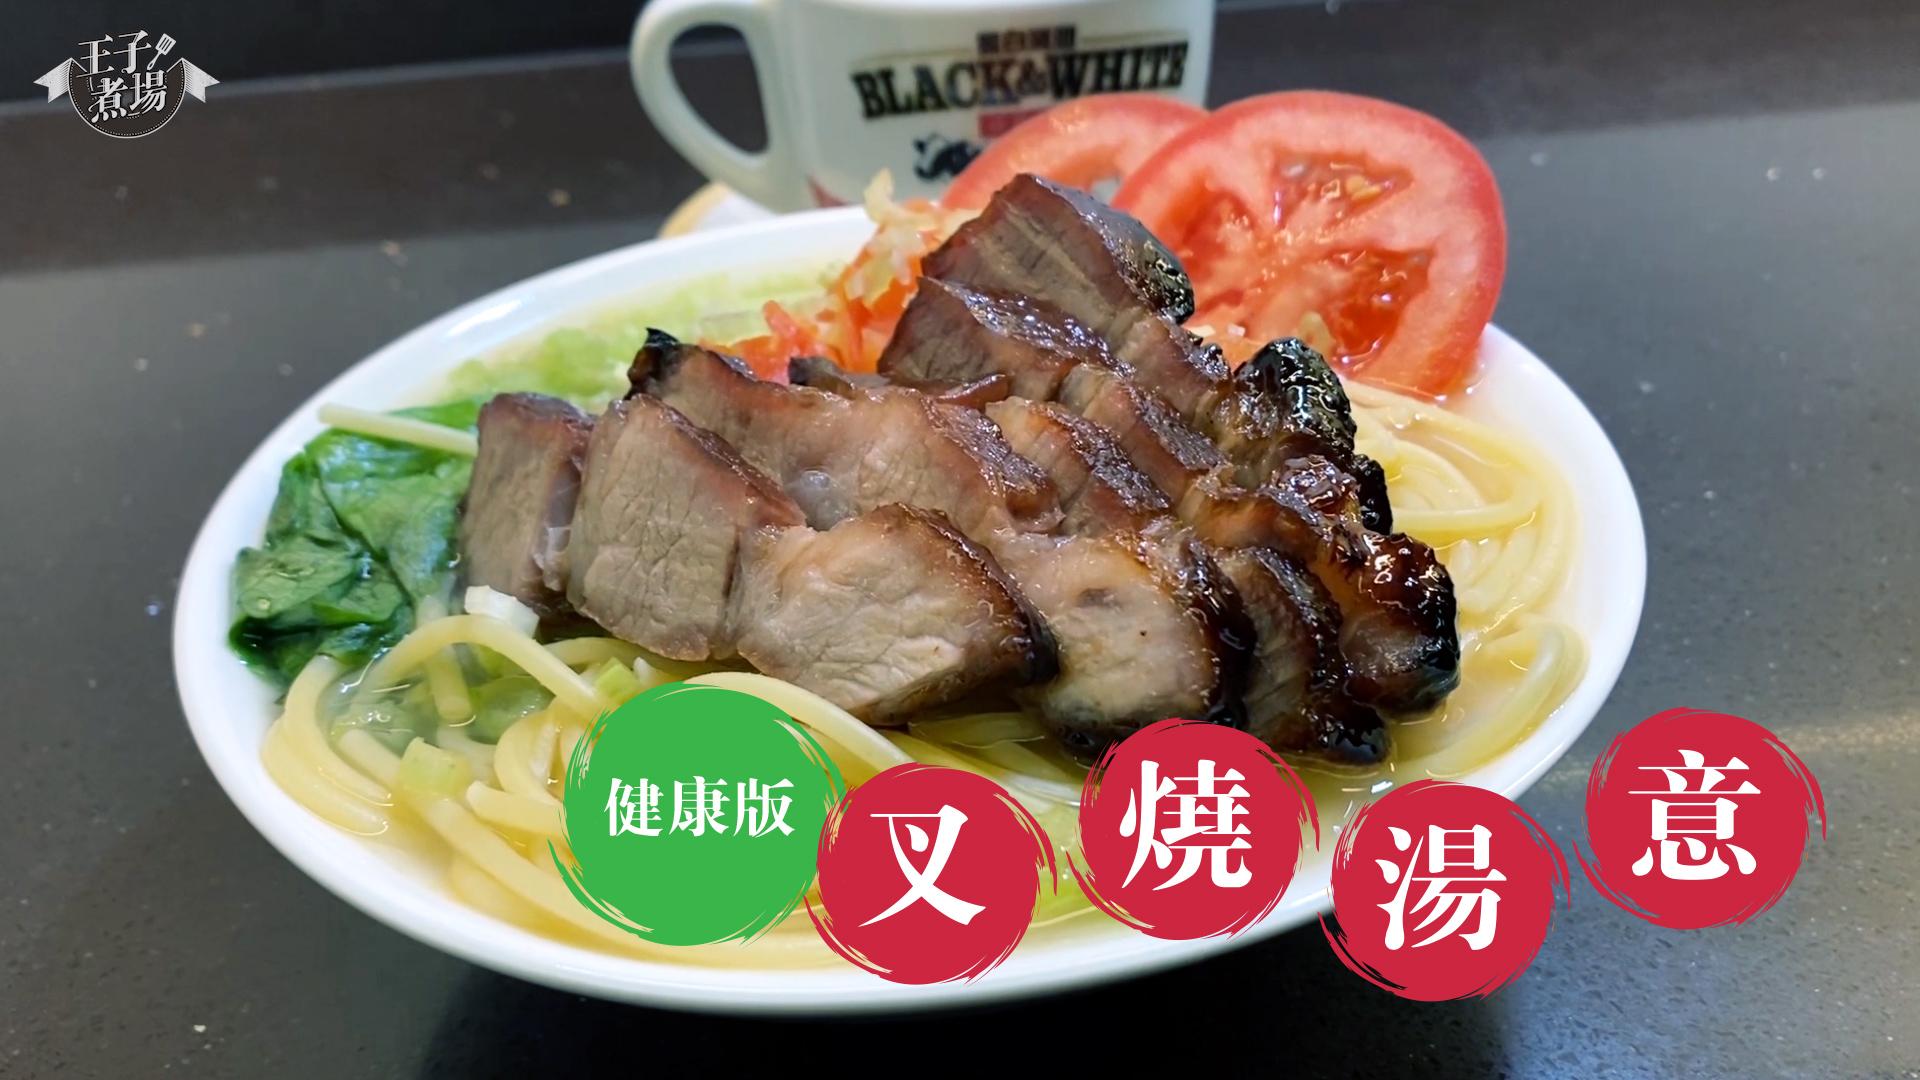 [王子煮場] 自製茶餐廳美食 惜食美味  健康叉燒湯意粉